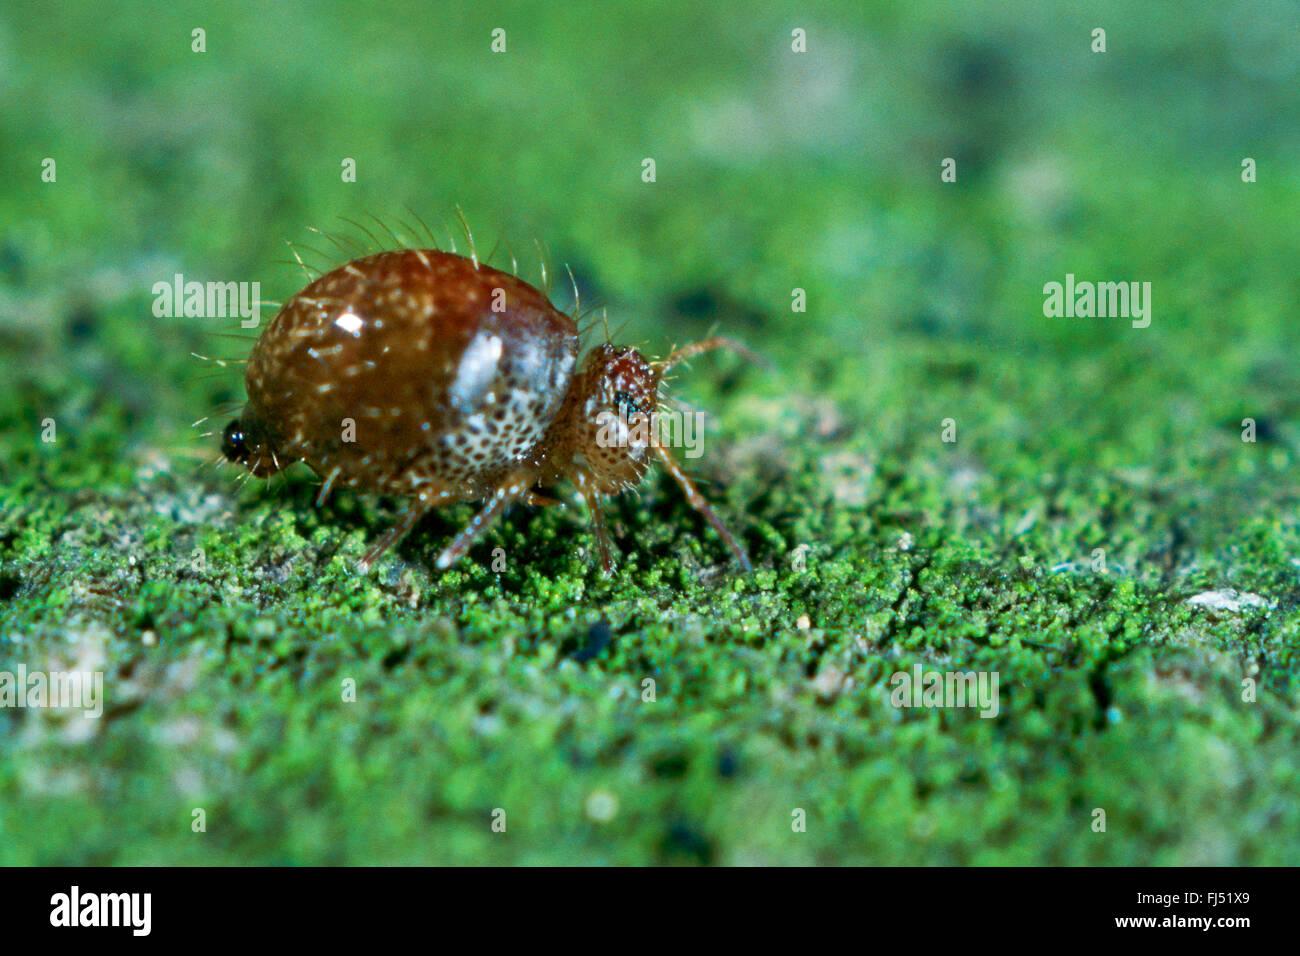 Springschwänze (Allacma Fusca), Insekt des Jahres 2016, Deutschland Stockbild